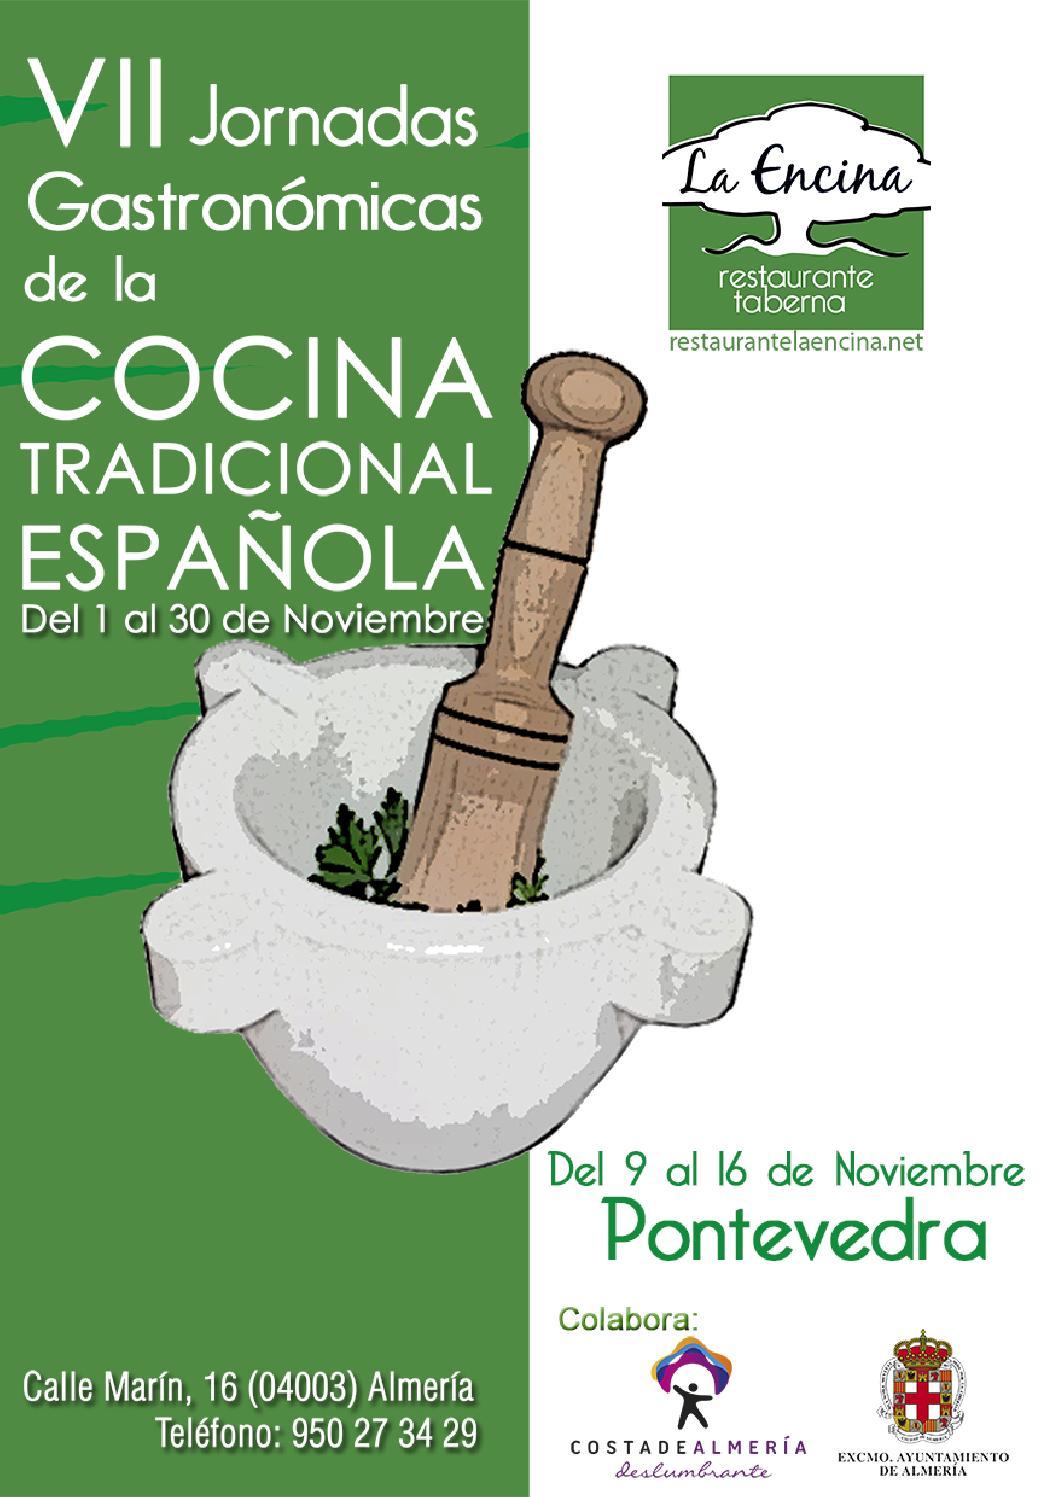 Pontevedra en las vii jornadas de la cocina tradicional for Cocina tradicional espanola